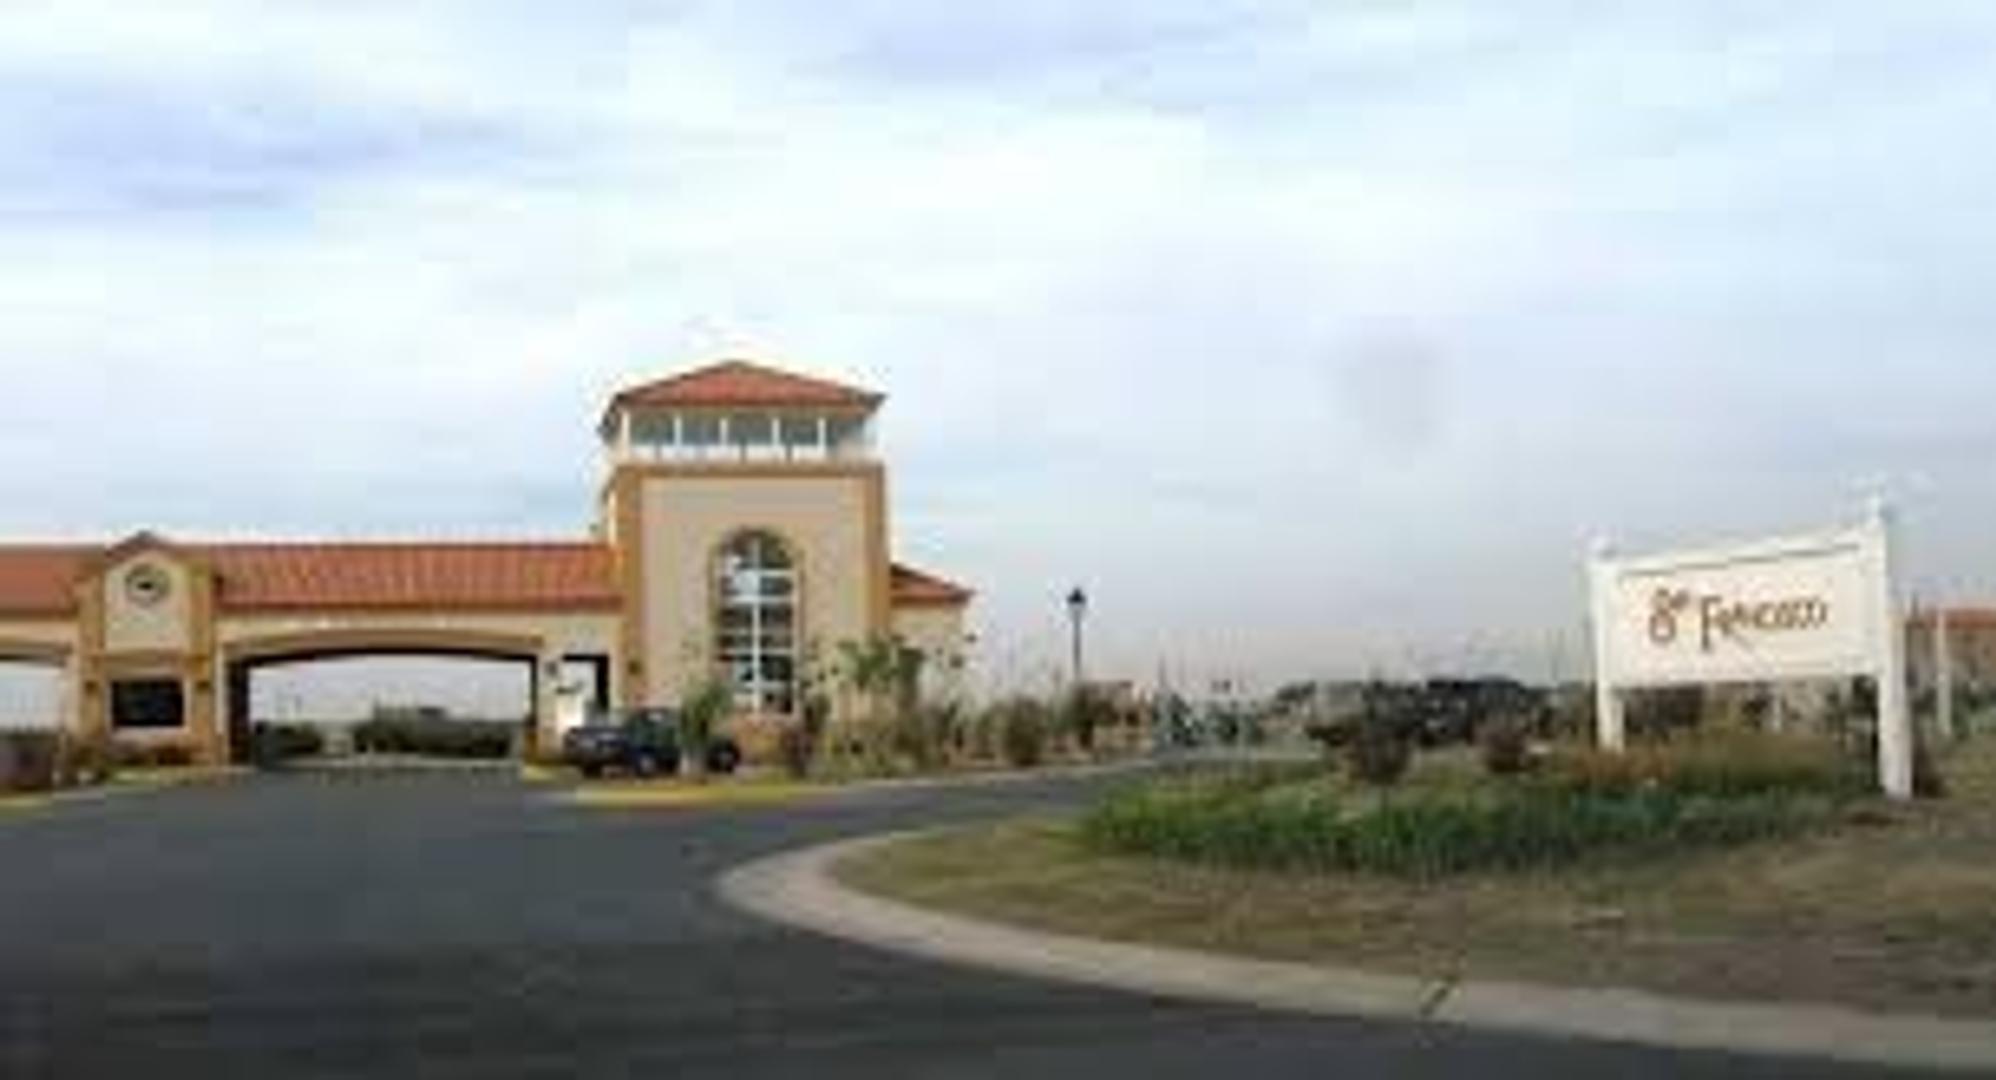 Excelente casa y ubicación en Barrio San Francisco - Villanueva - Benavidez - Tigre